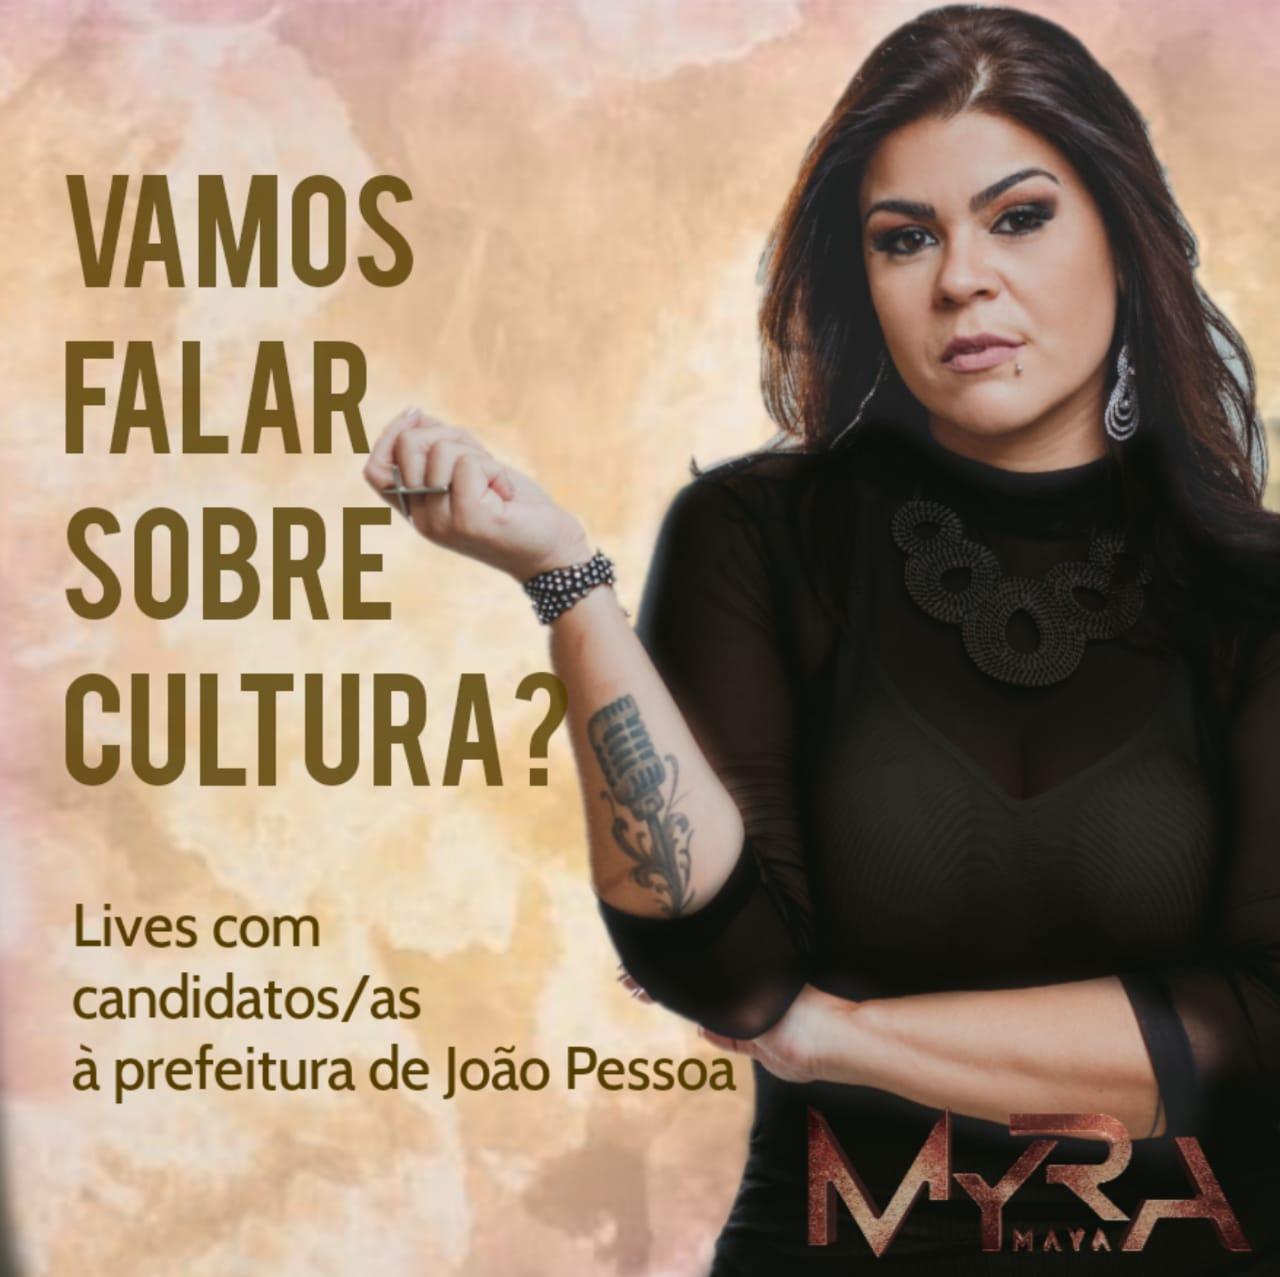 WhatsApp Image 2020 10 19 at 12.48.39 - Cantora paraibana promove lives com prefeitáveis à PMJP para falar sobre Cultura; confira